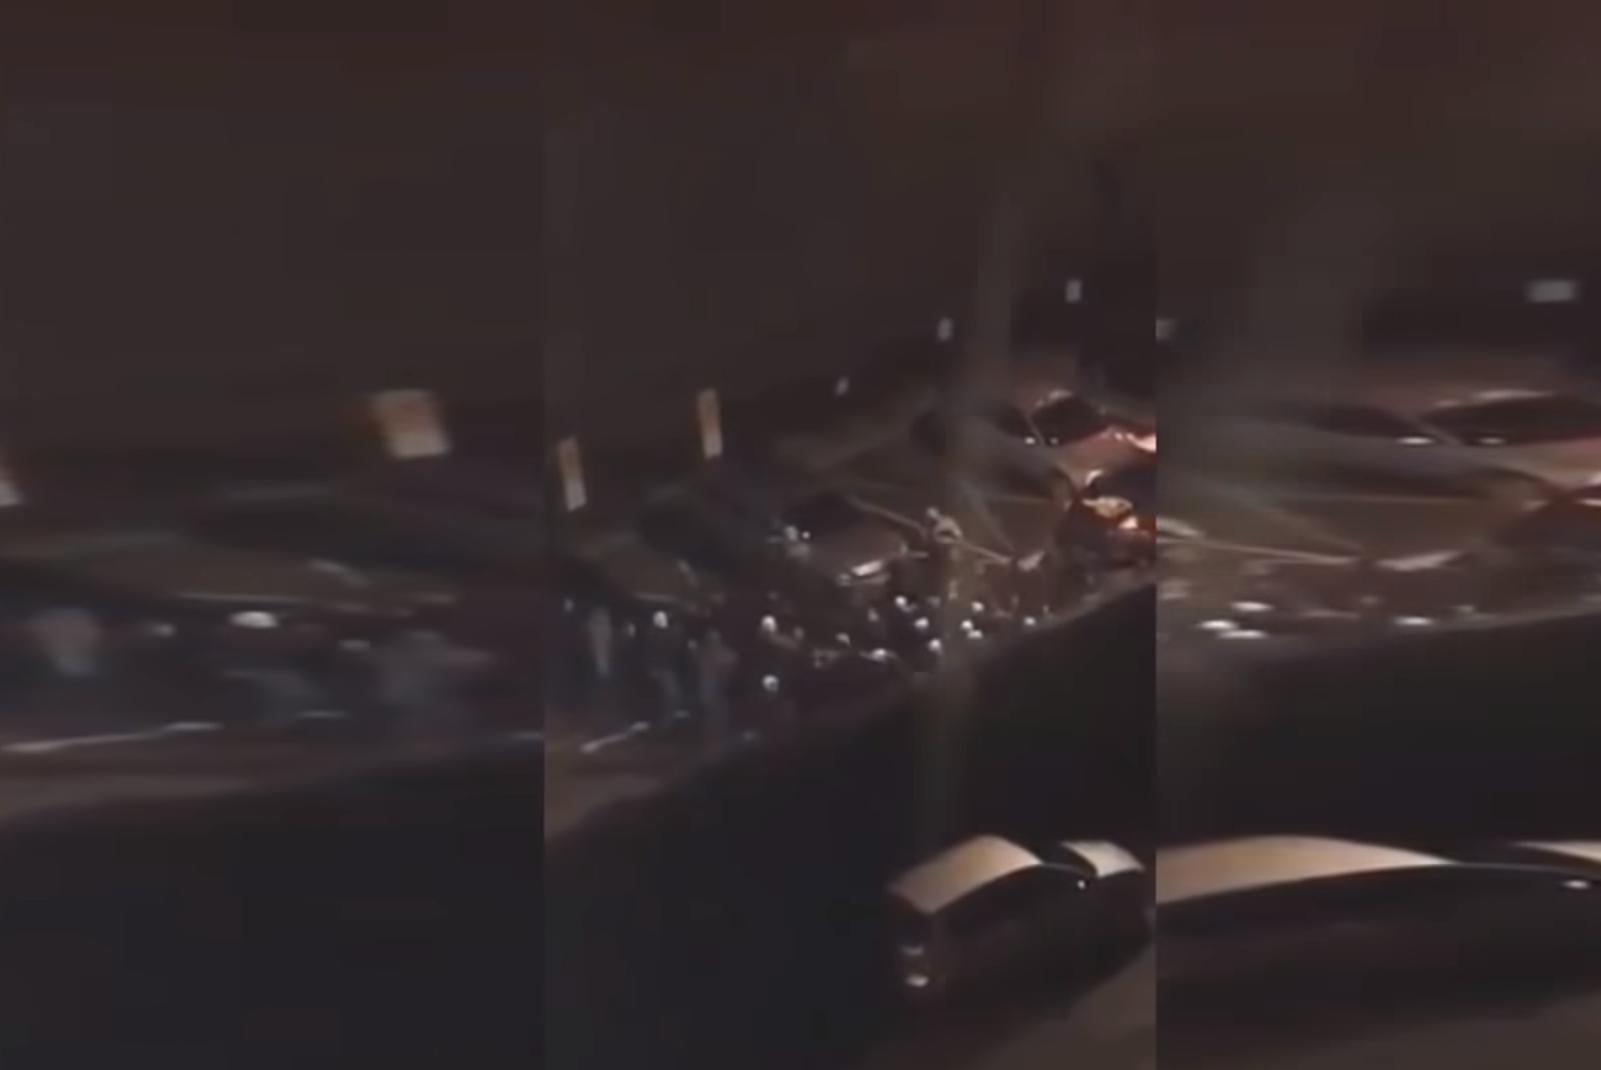 Z PODKARACIA. Kibole urządzili ustawkę pod galerią handlową [FOTO VIDEO] - Zdjęcie główne